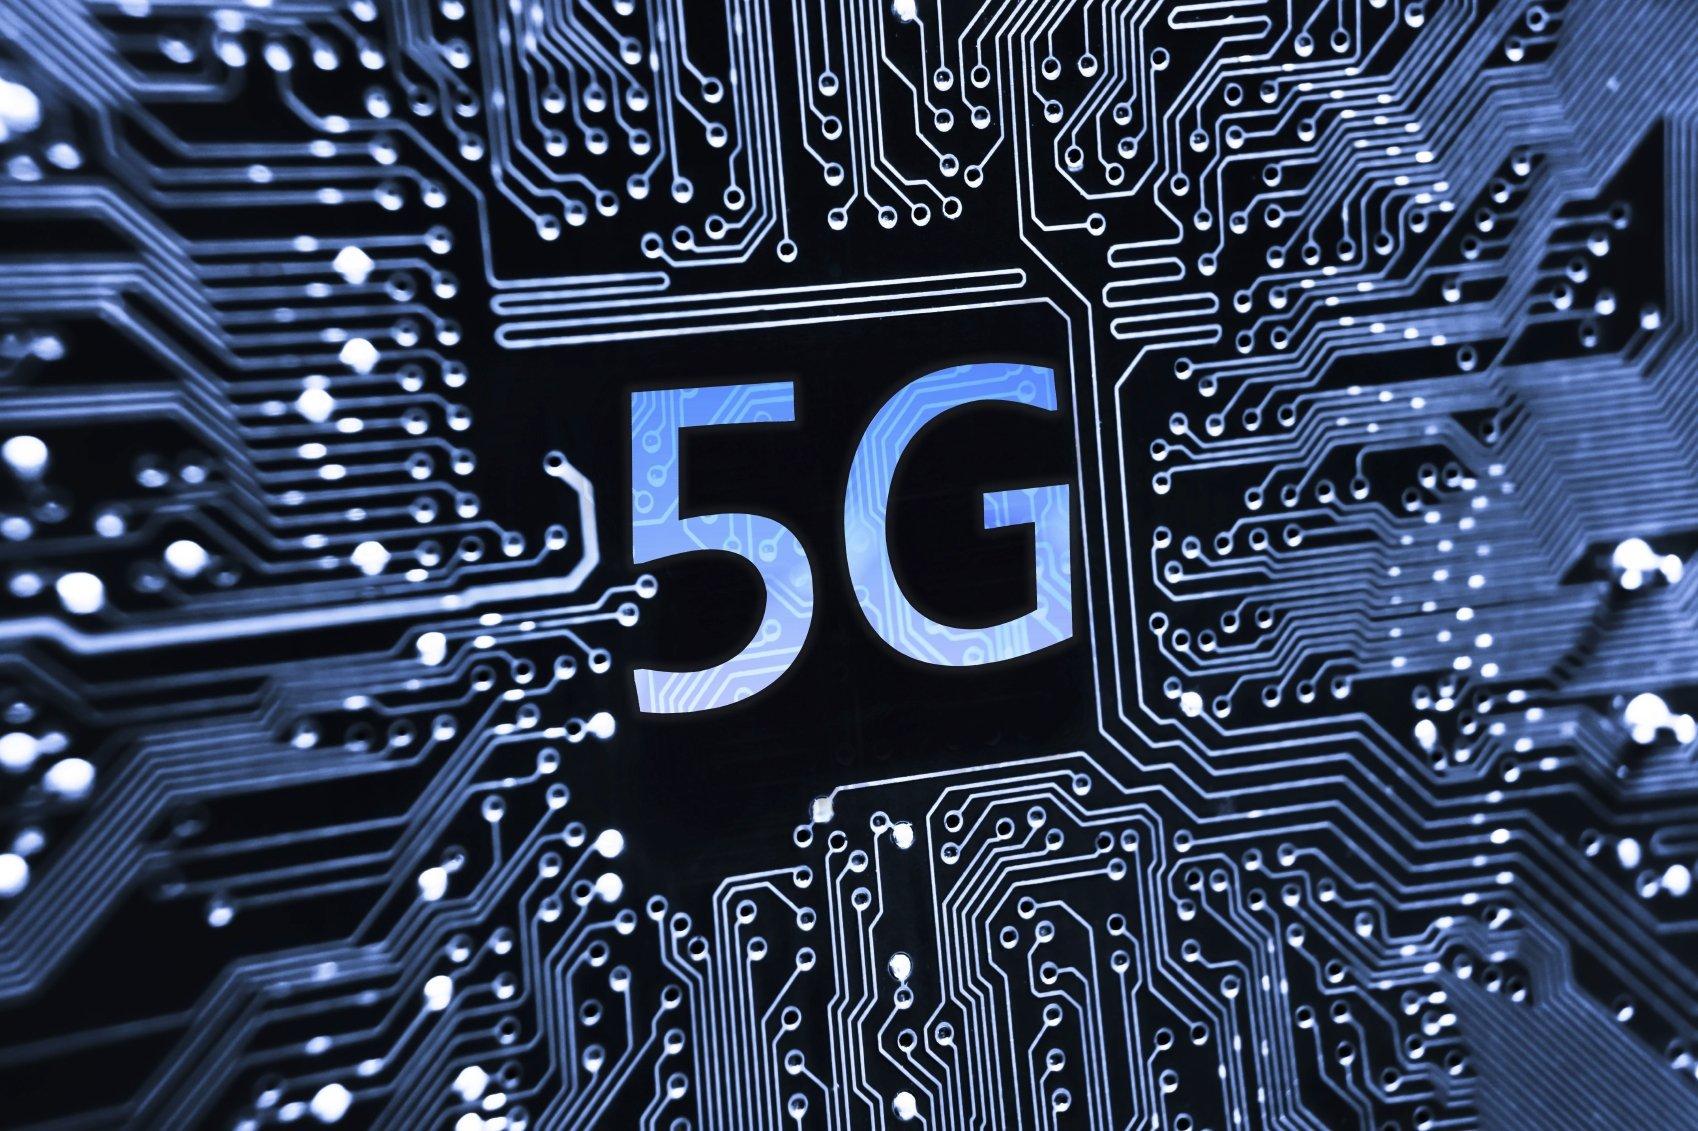 Мы уже готовы к гигабитному мобильному интернету